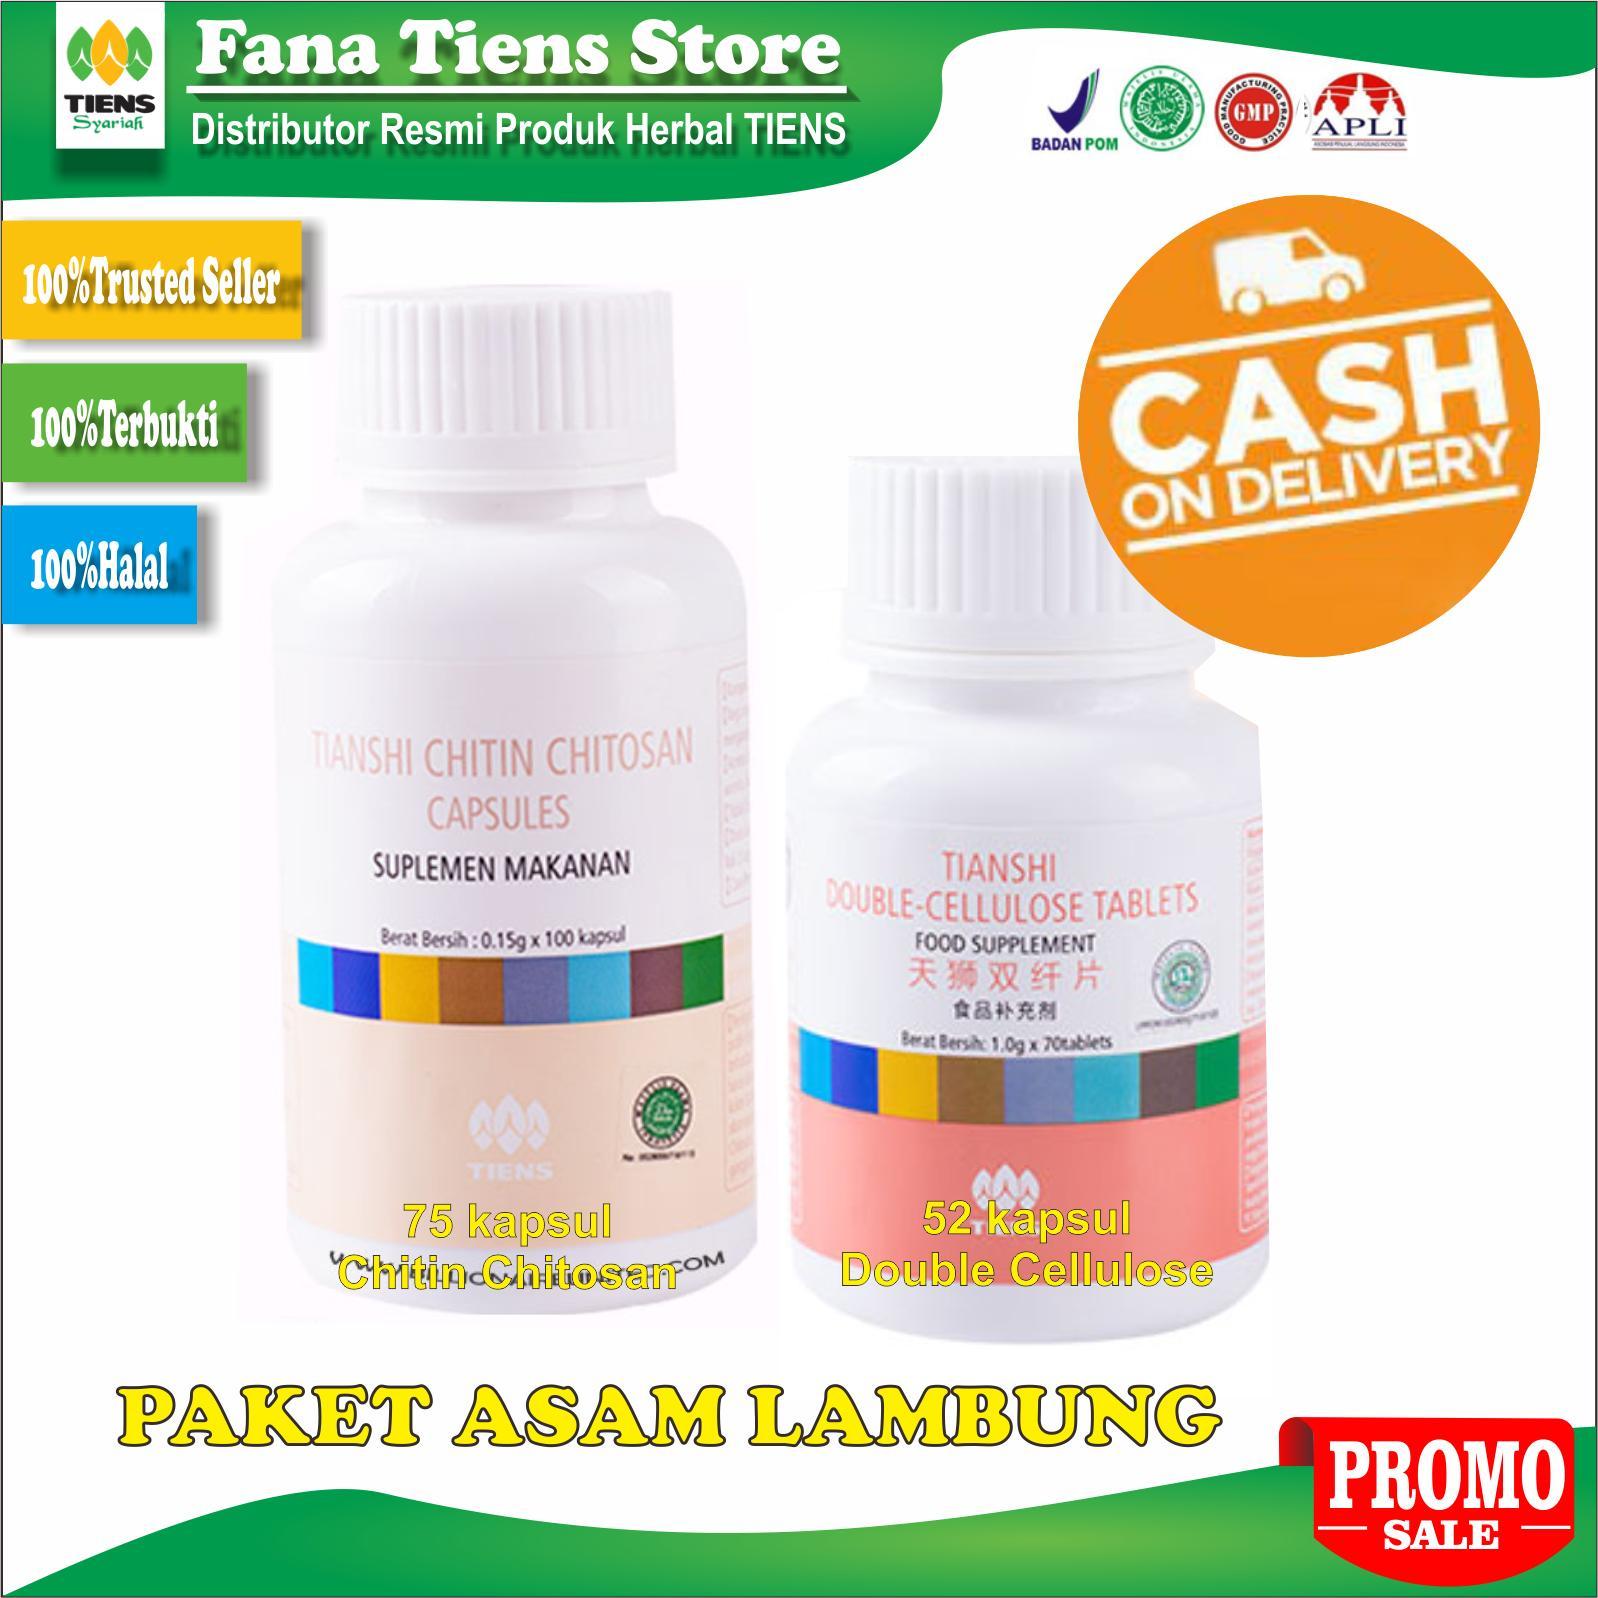 Tiens Herbal Paket Asam Lambung Naik Maag Kemasan 75 Chitin Chitosan 52 Double Cellulose Promo Seller Resmi By Fana Tiens Store